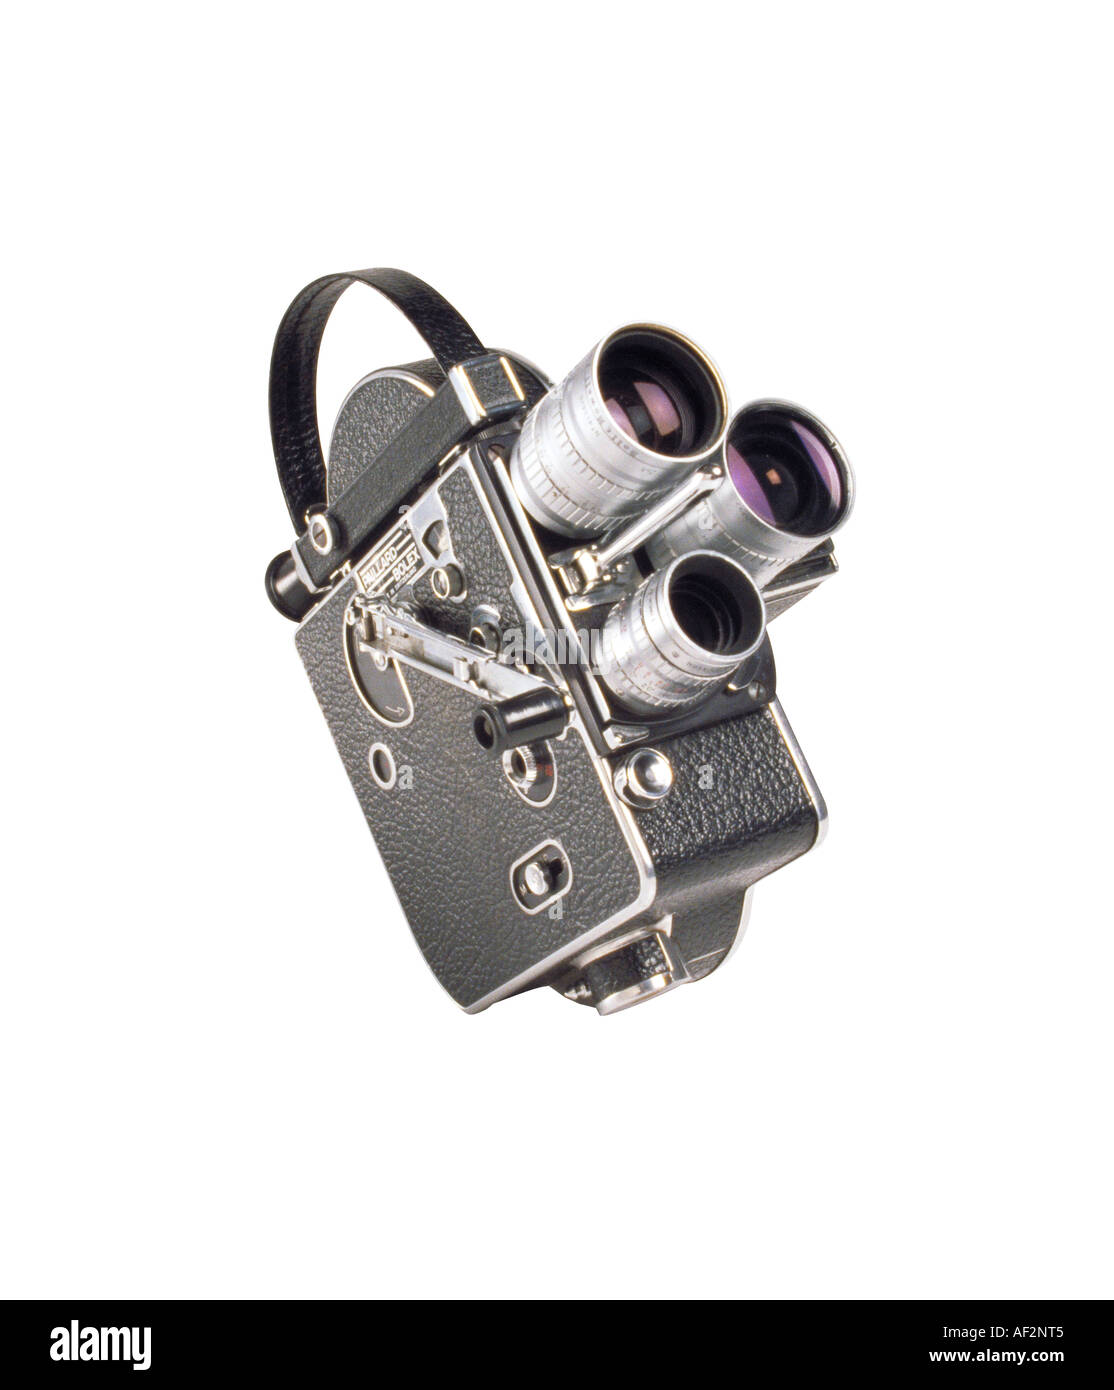 cámara de cine Imagen De Stock